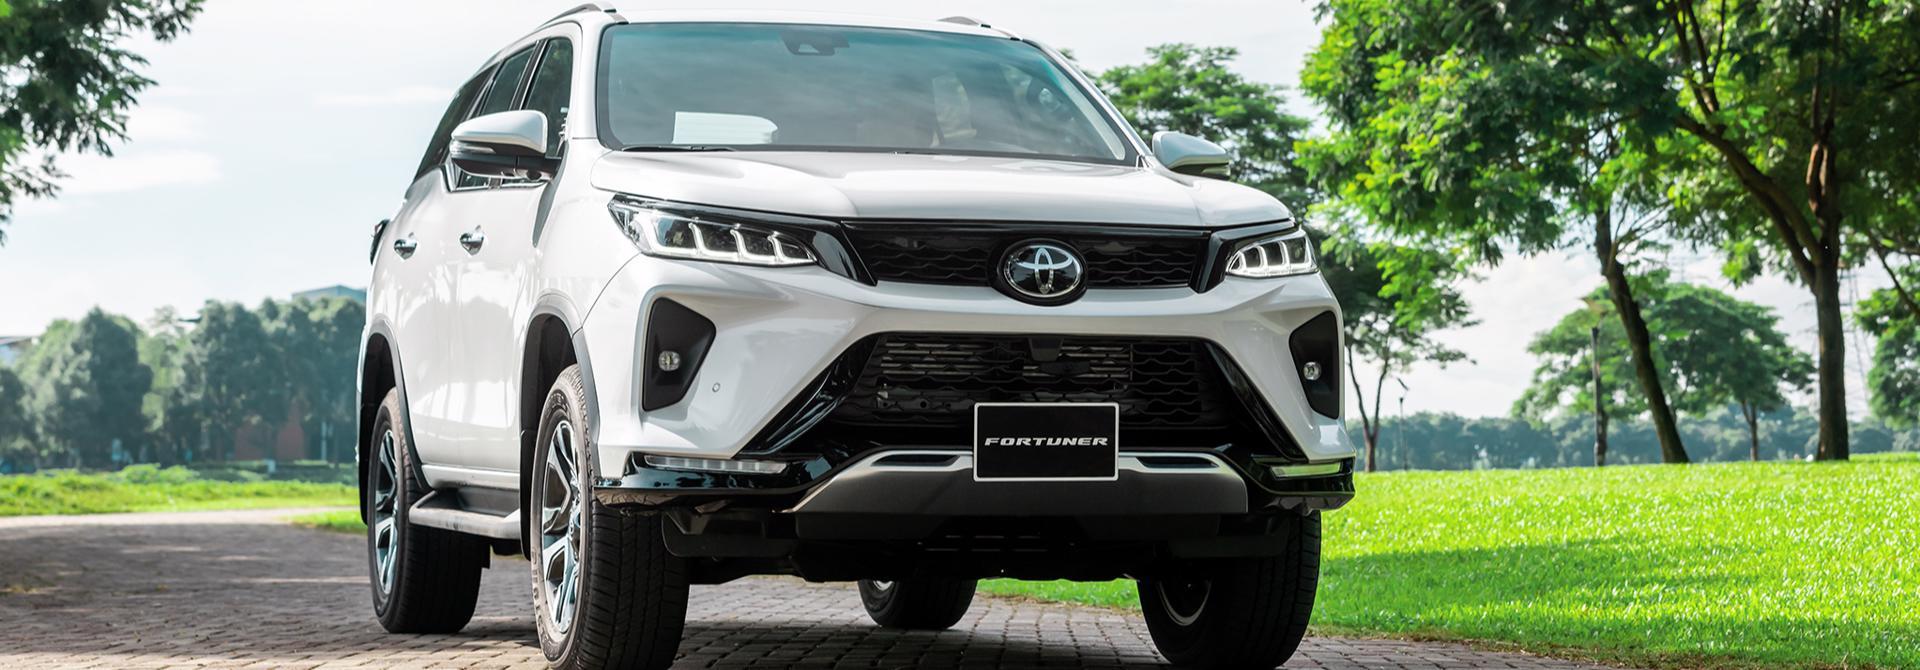 """Mitsubishi Pajero Sport 2020 và Toyota Fortuner 2020: xe nào """"an toàn"""" hơn"""